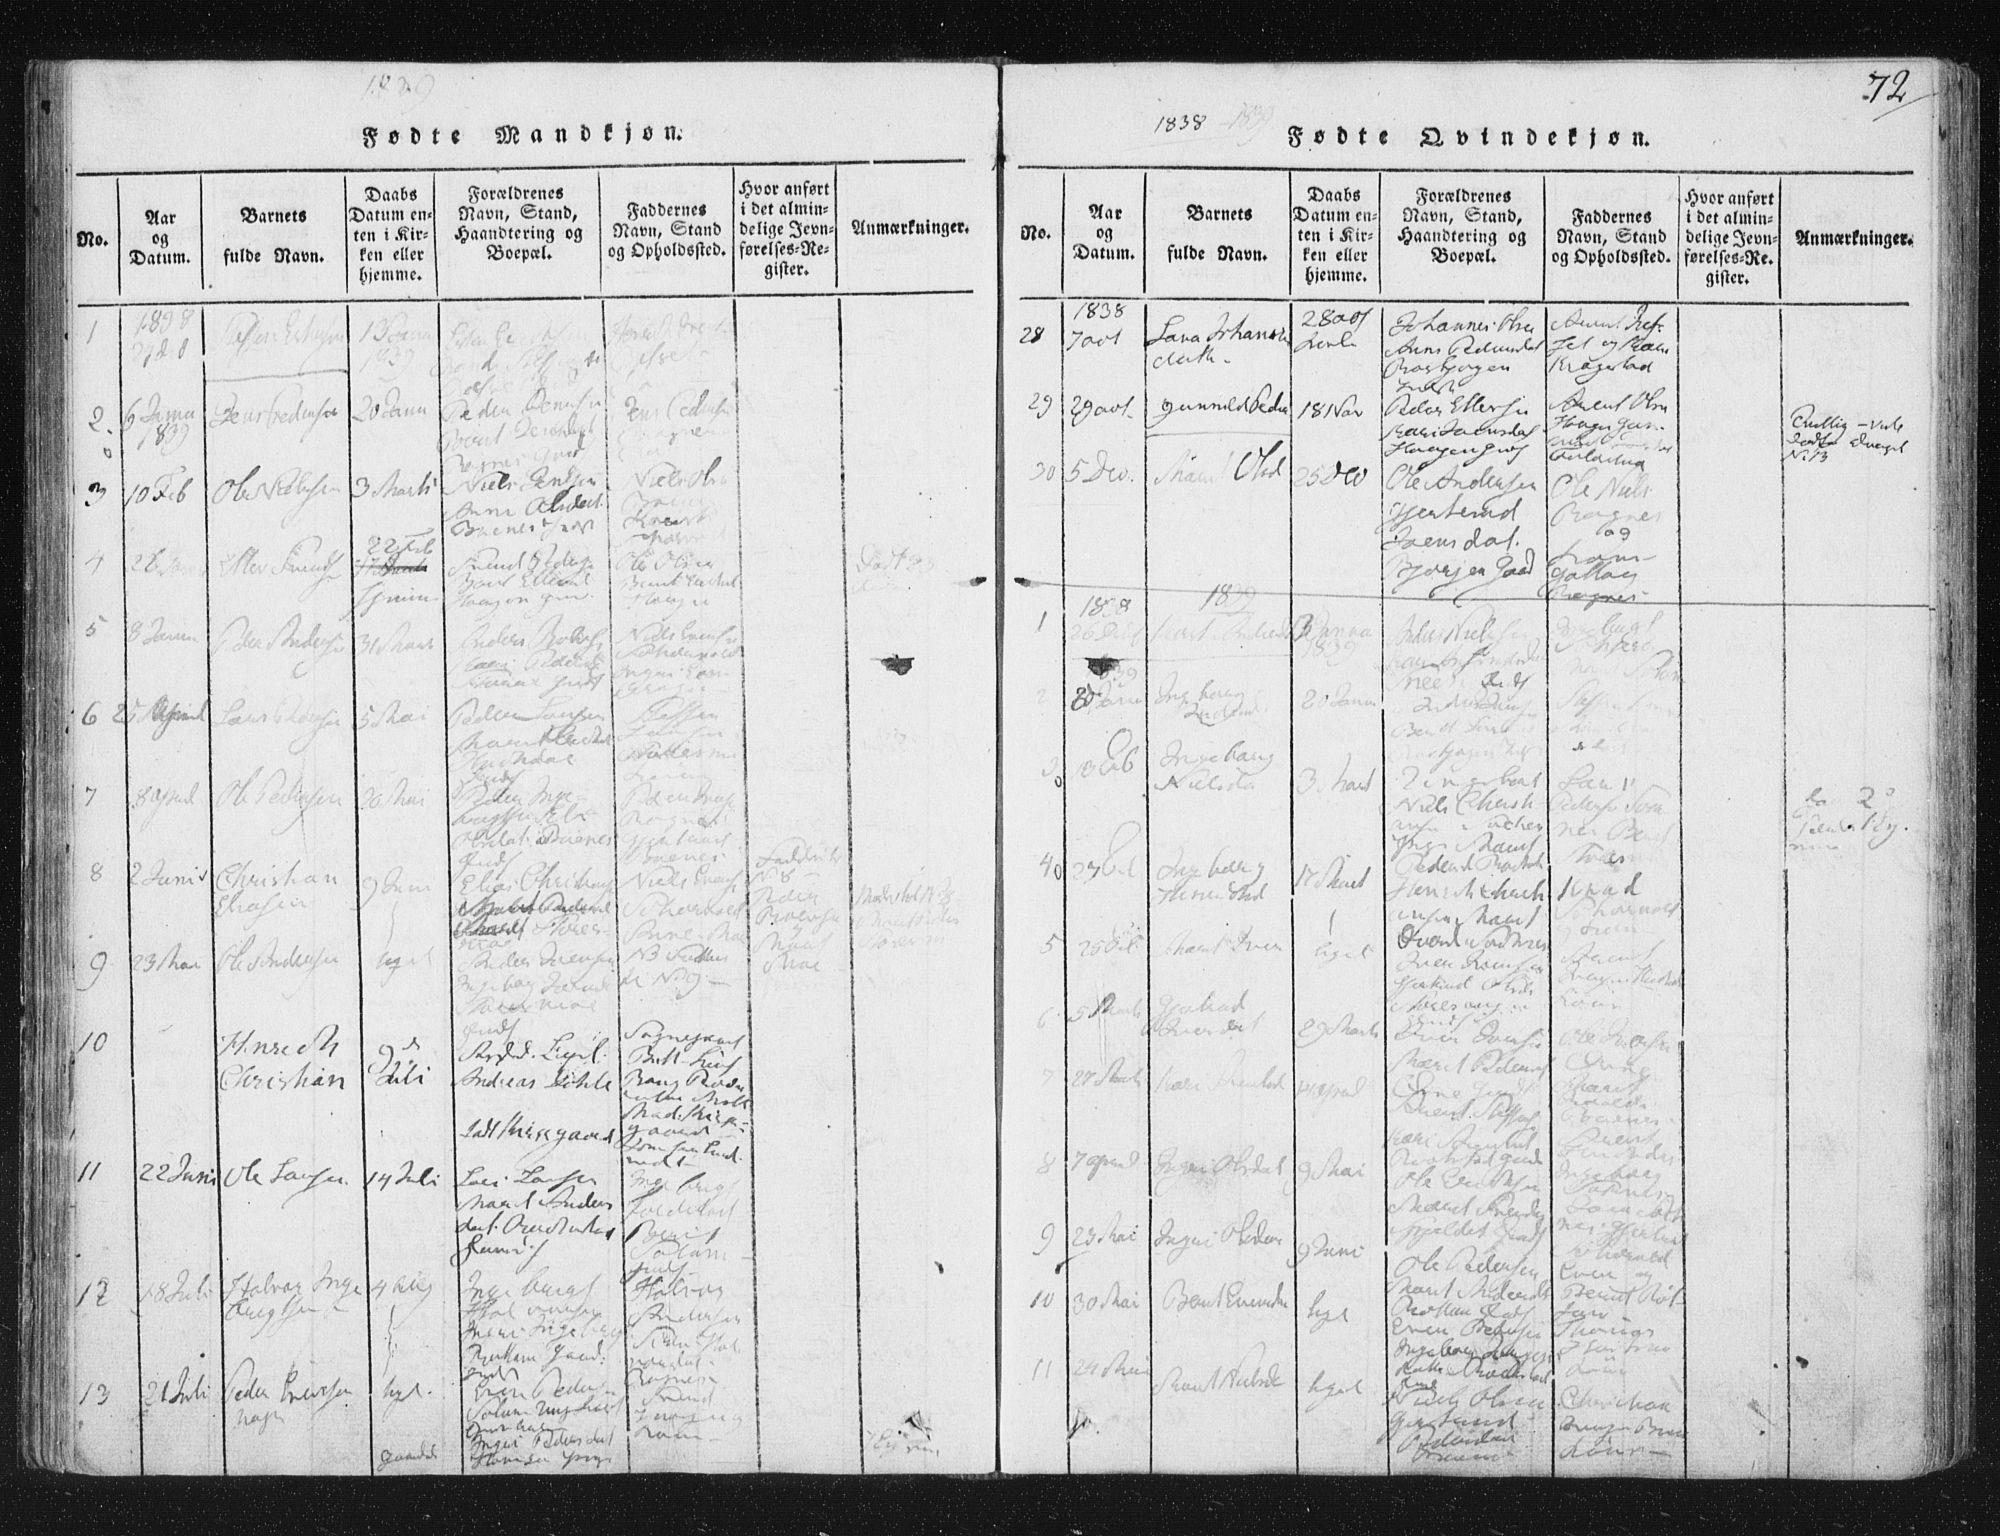 SAT, Ministerialprotokoller, klokkerbøker og fødselsregistre - Sør-Trøndelag, 687/L0996: Ministerialbok nr. 687A04, 1816-1842, s. 72